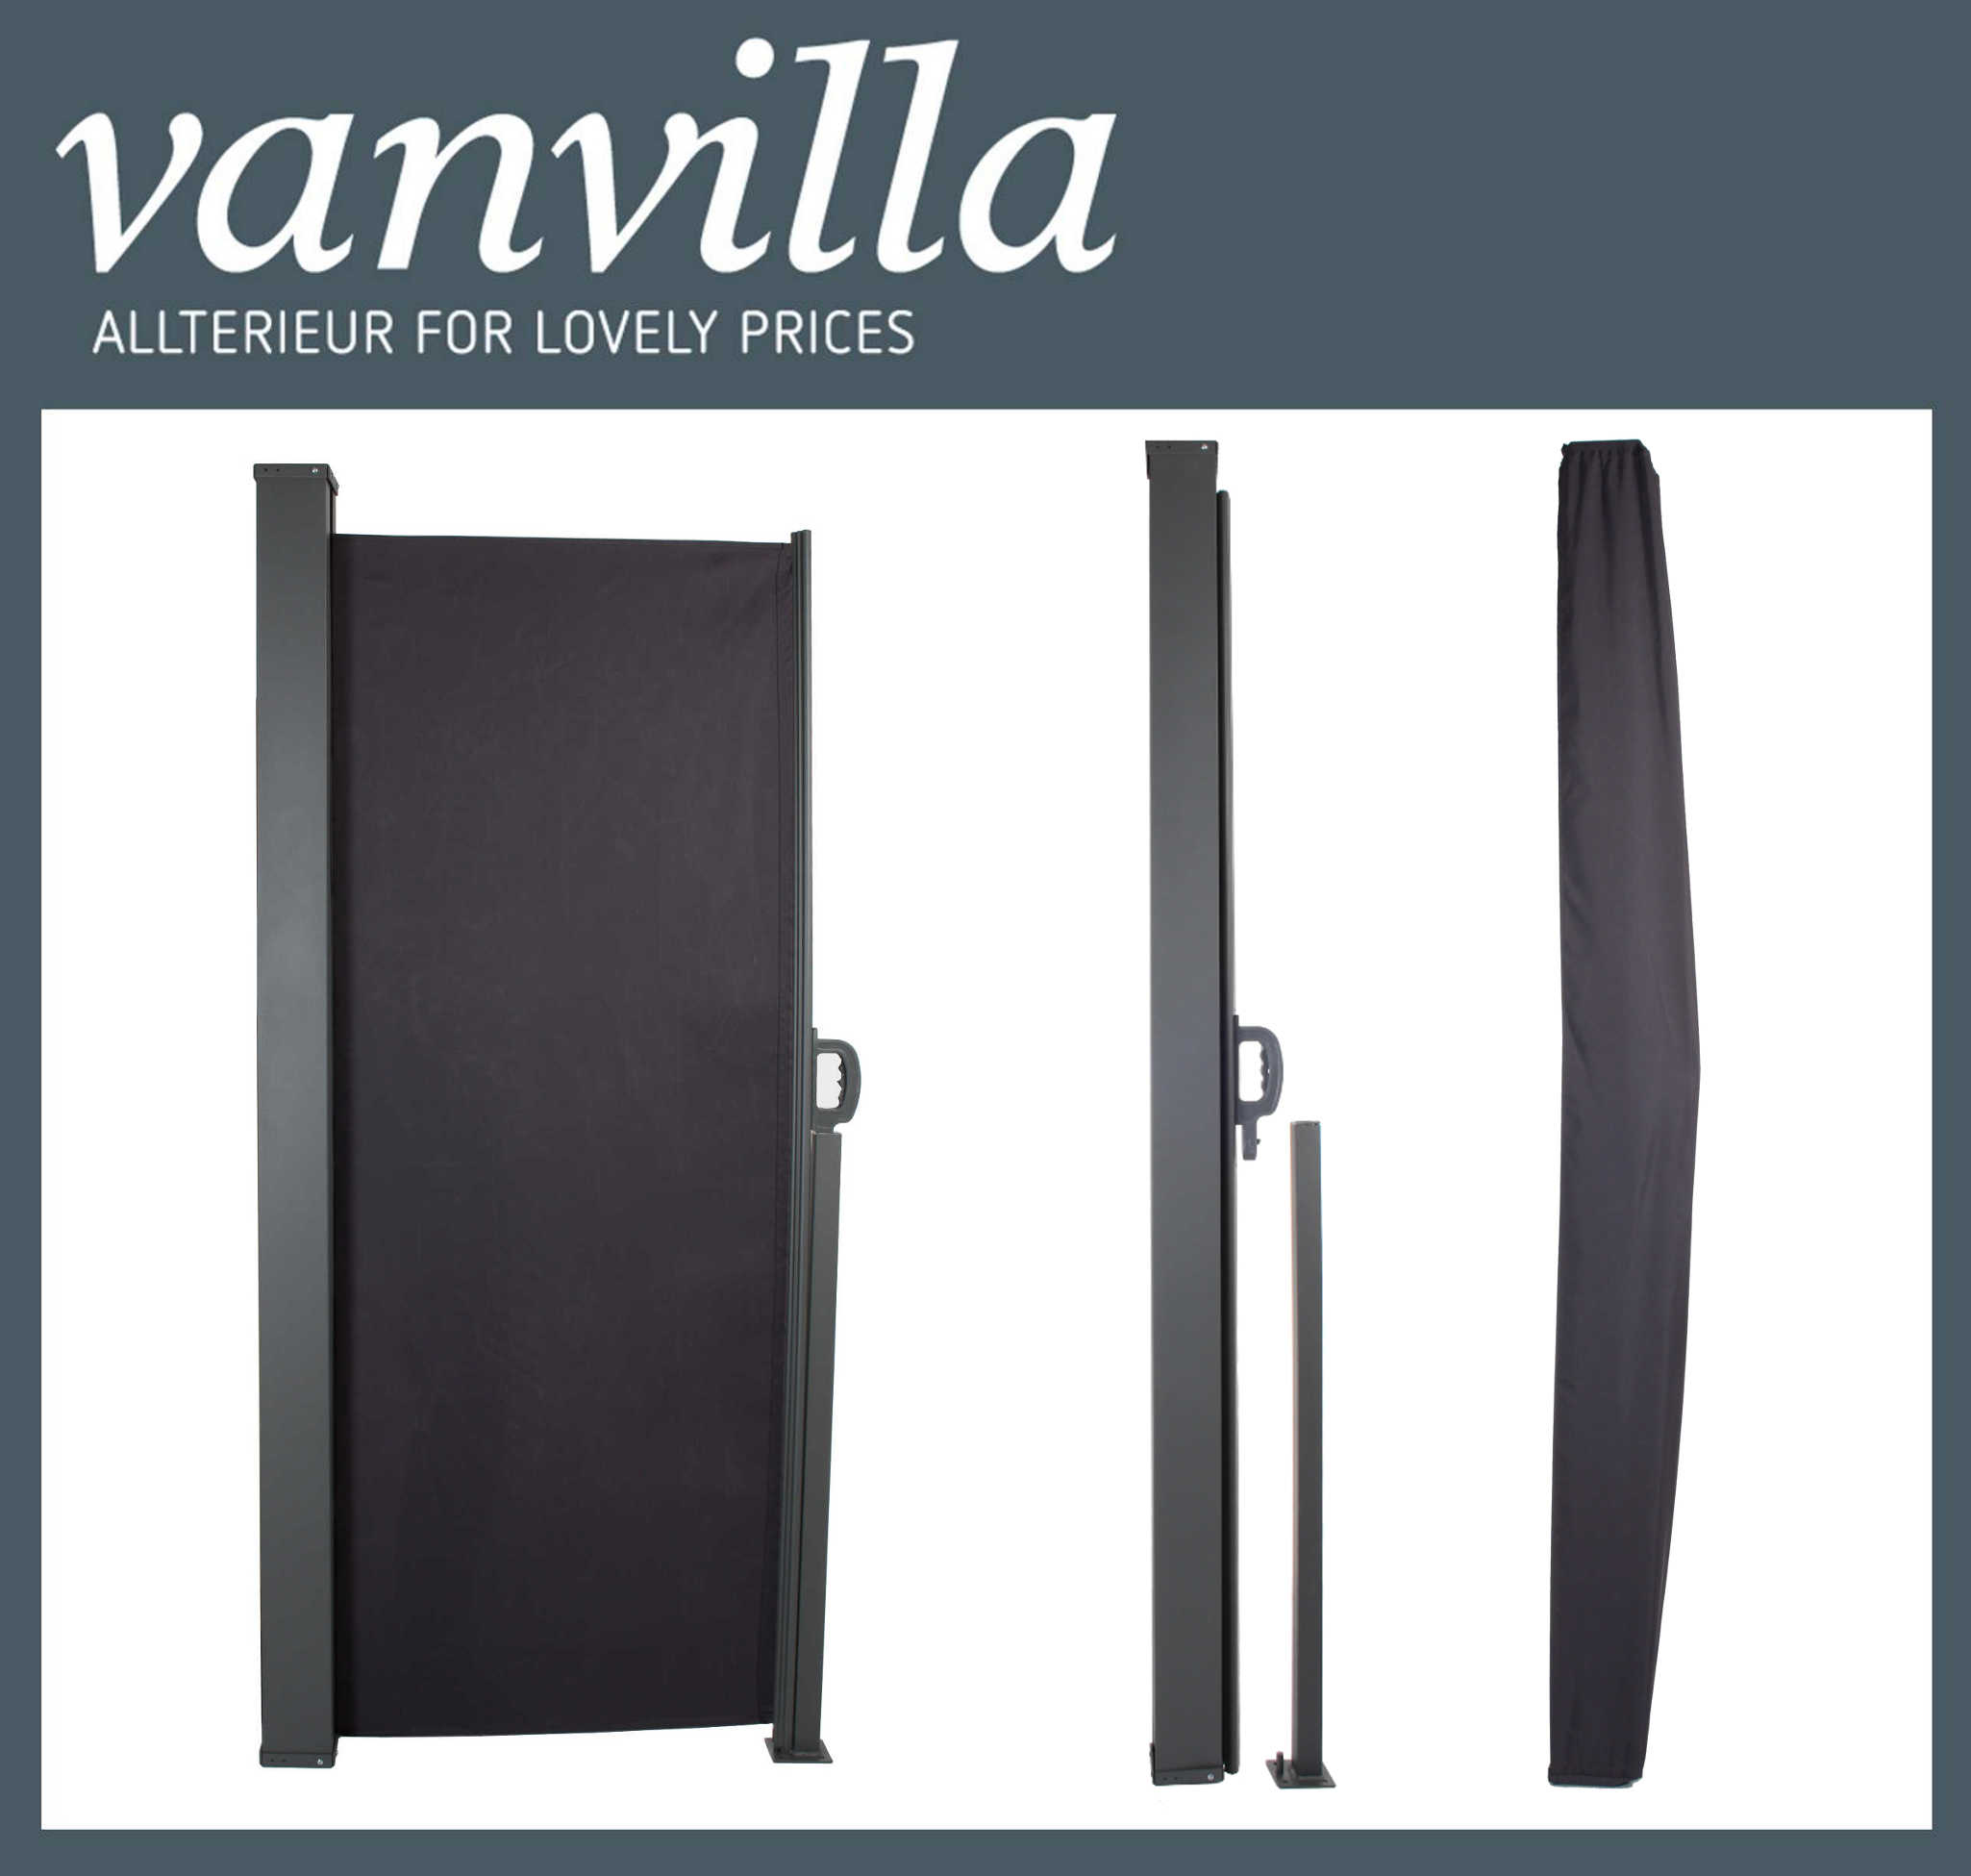 vanvilla Seitenmarkise 160cm x 300cm, Stahlkassette Anthrazit inkl. Regenschutz